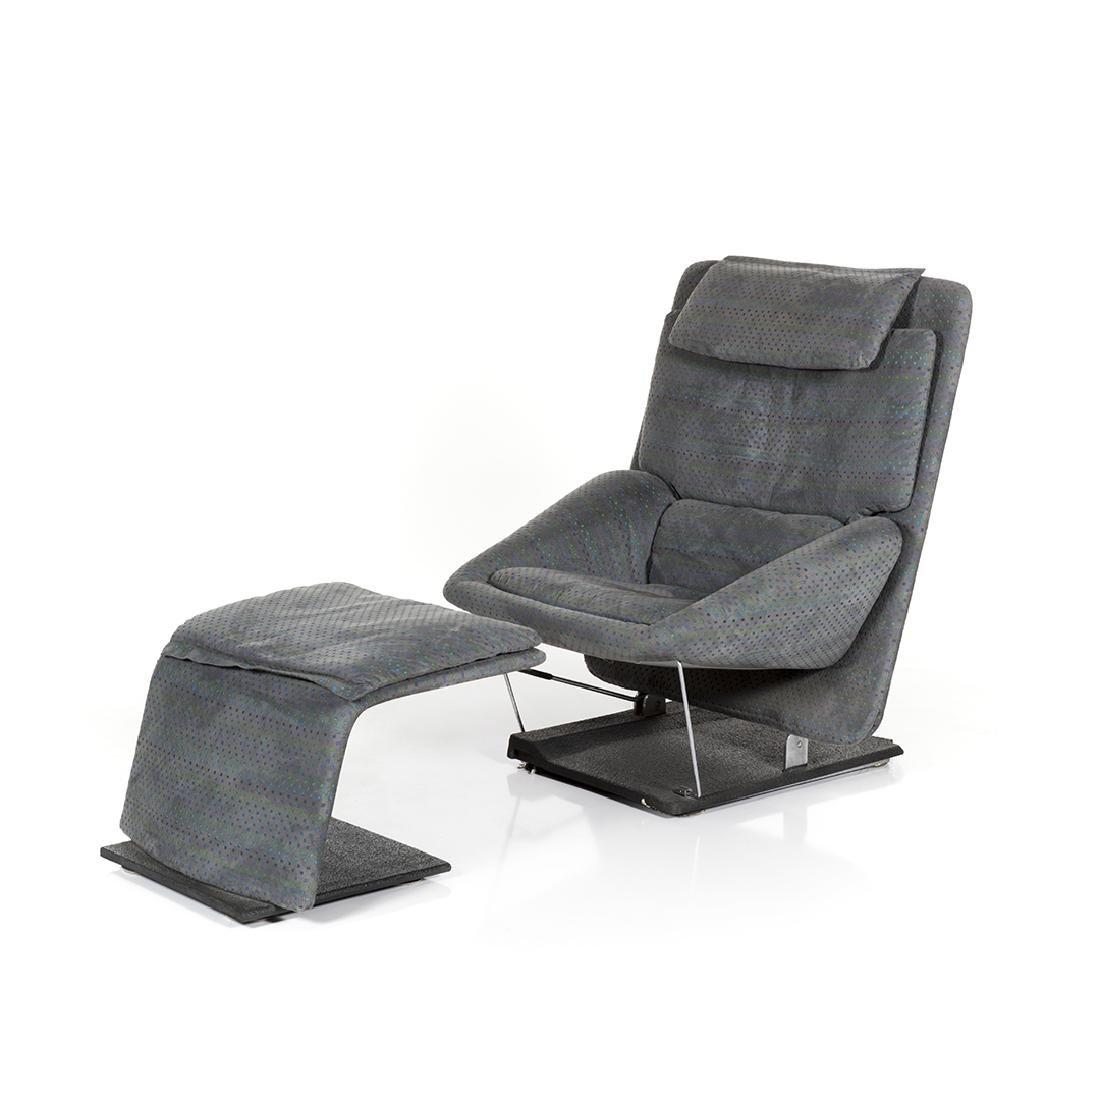 Saporiti Lounge Chair and Ottoman